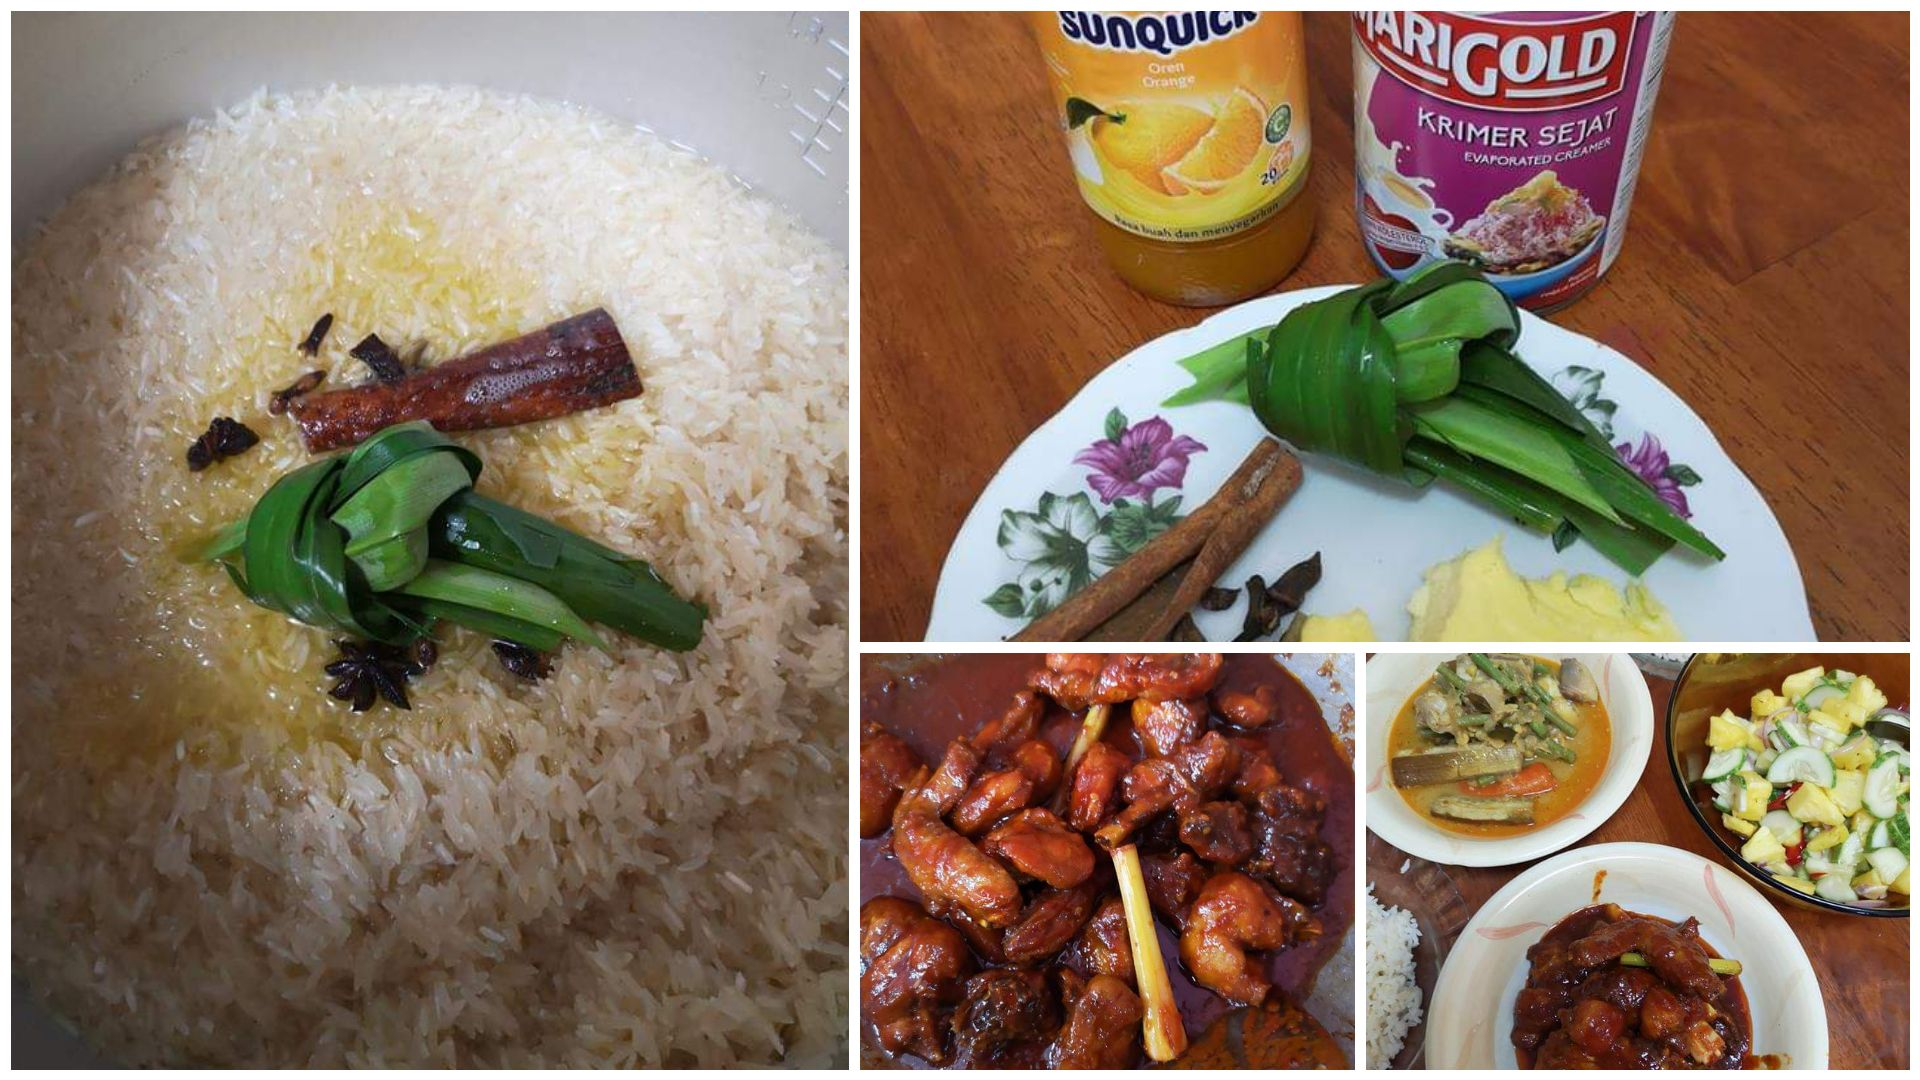 Resepi Nasi Minyak Power Guna Beras Biasa Simple Cepat Serius Sedap Di 2020 Resep Makanan Kari Resep